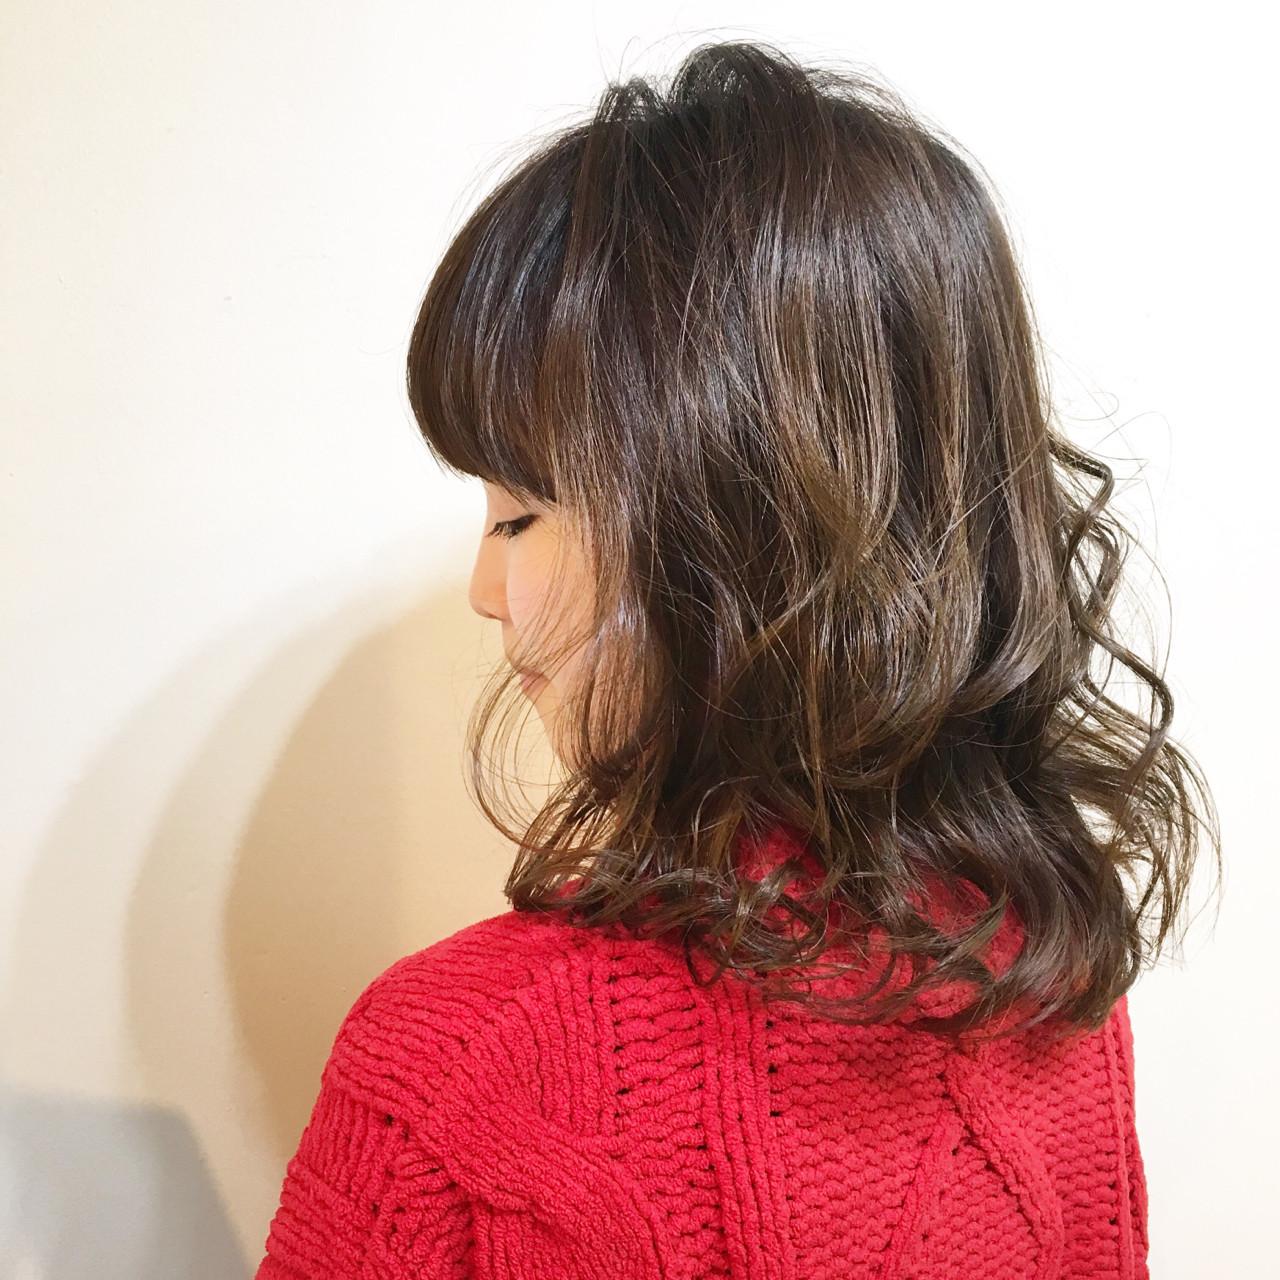 フリンジバング 色気 ボブ 大人女子 ヘアスタイルや髪型の写真・画像 | COM PASS タイチ / COM PASS